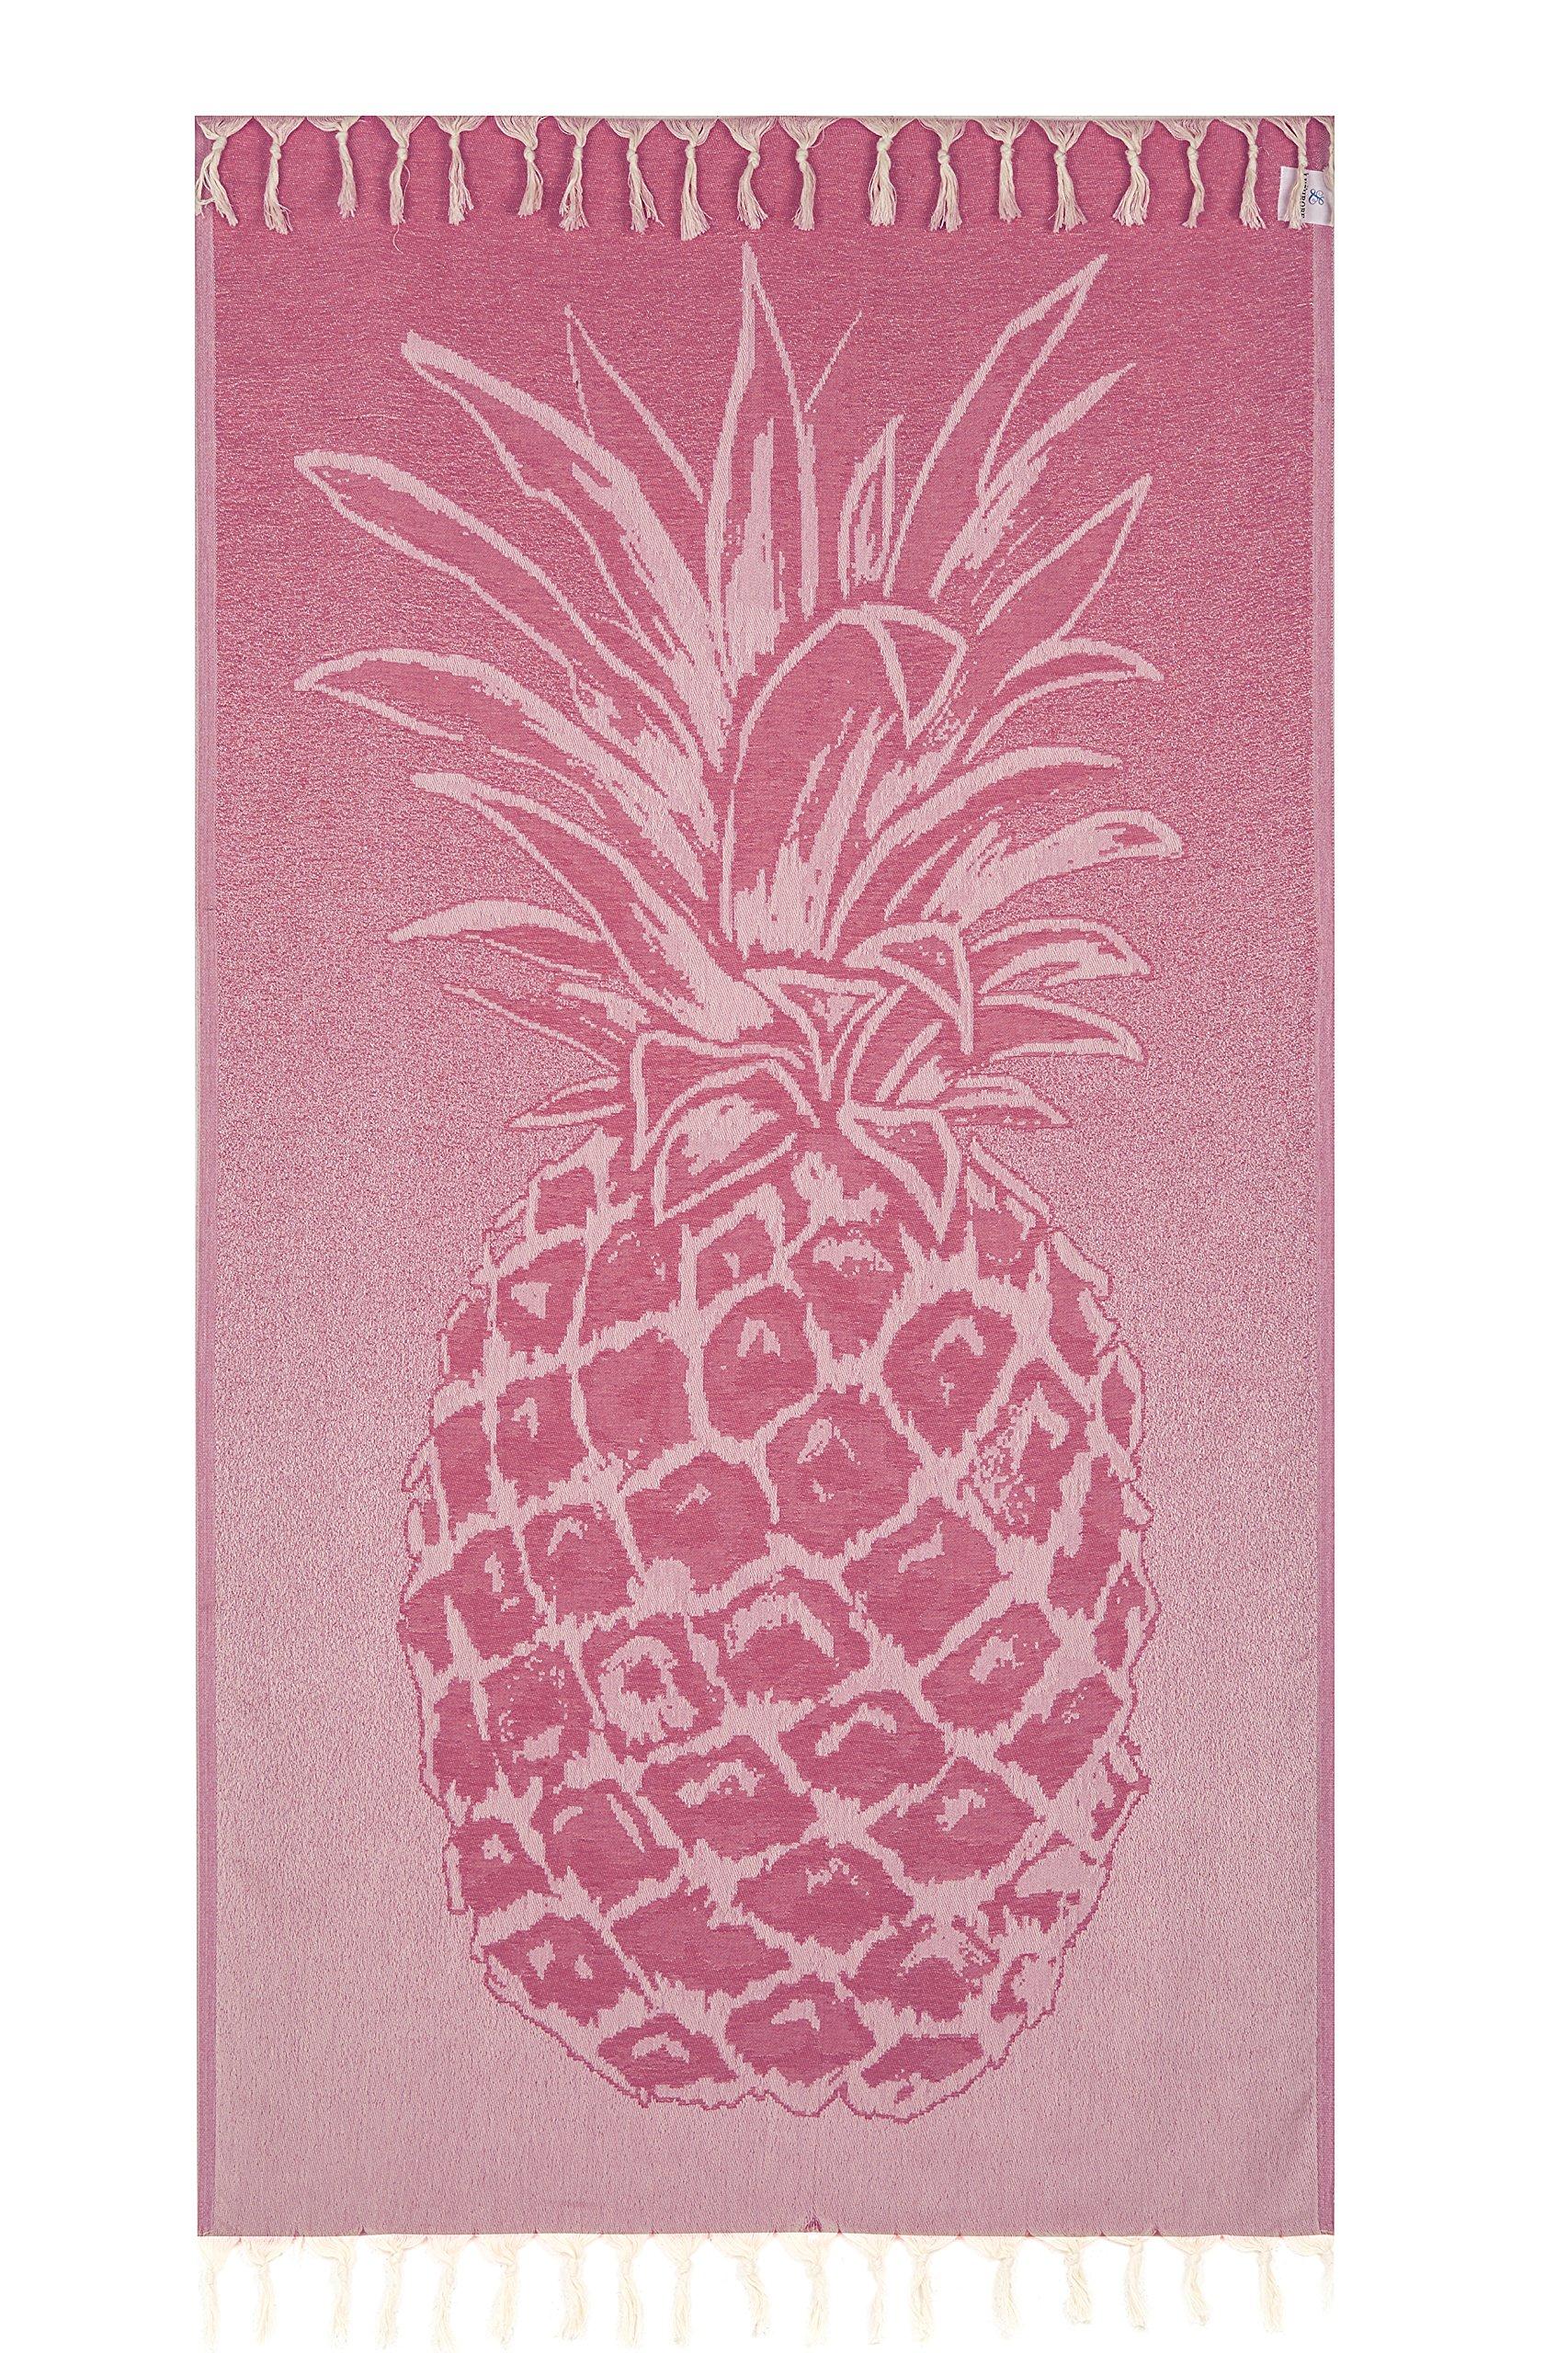 Lushrobe Peshtemal Beach Towel Lightweight 100% Cotton Fouta Pool Bath Gym Blanket - 72'' L x 40'' W - Pineapple (Fuchsia)